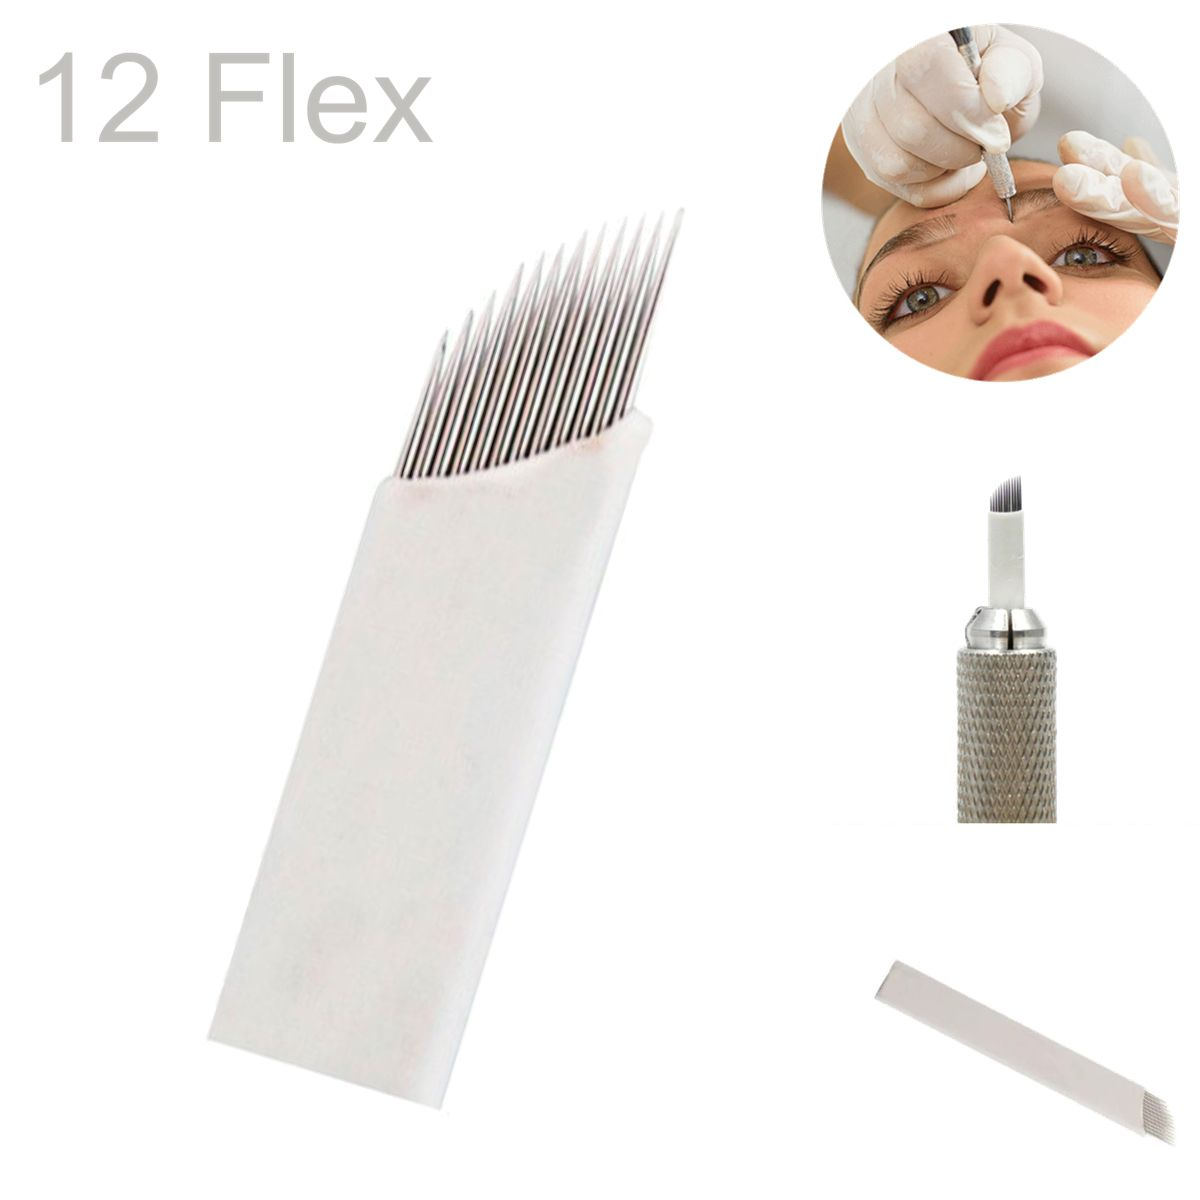 50 Unid Lamina 12 Flex Agulha Tebori Microblading Fio A Fio